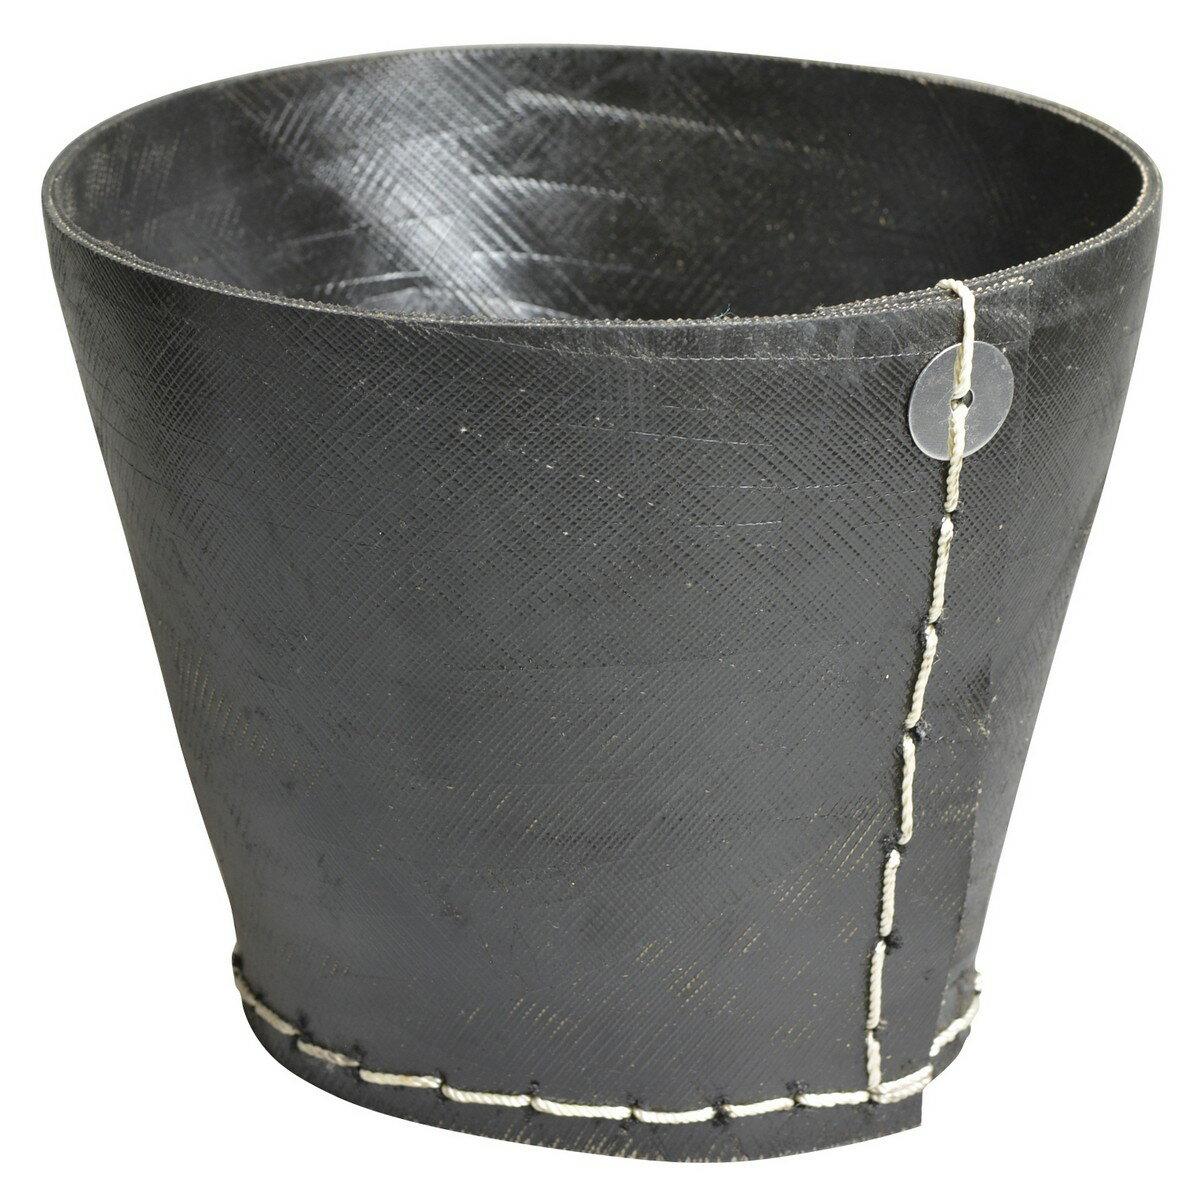 ハットトリック/RECYCLE RUBBER PLANTER (C)/2M-238 L【01】【取寄】 ガーデニング用品 ポット・鉢 鉢カバー 手作り 材料